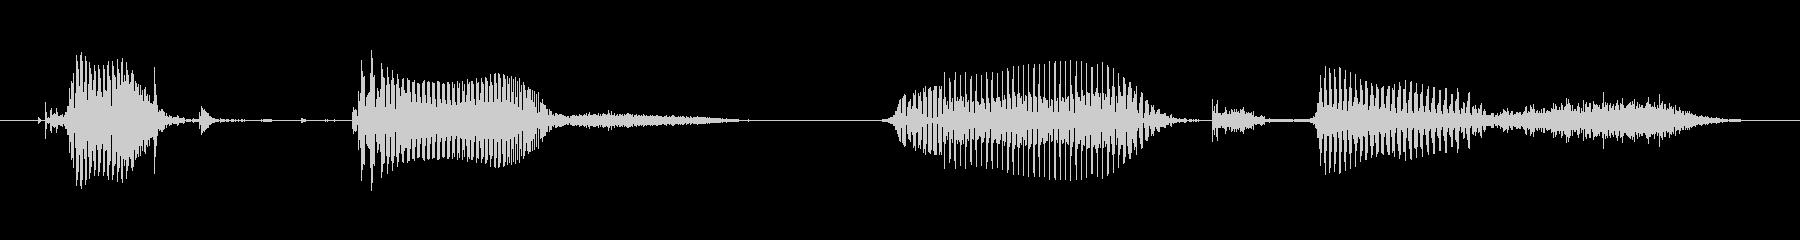 ミドルエイジドフィメールB:ゲット...の未再生の波形